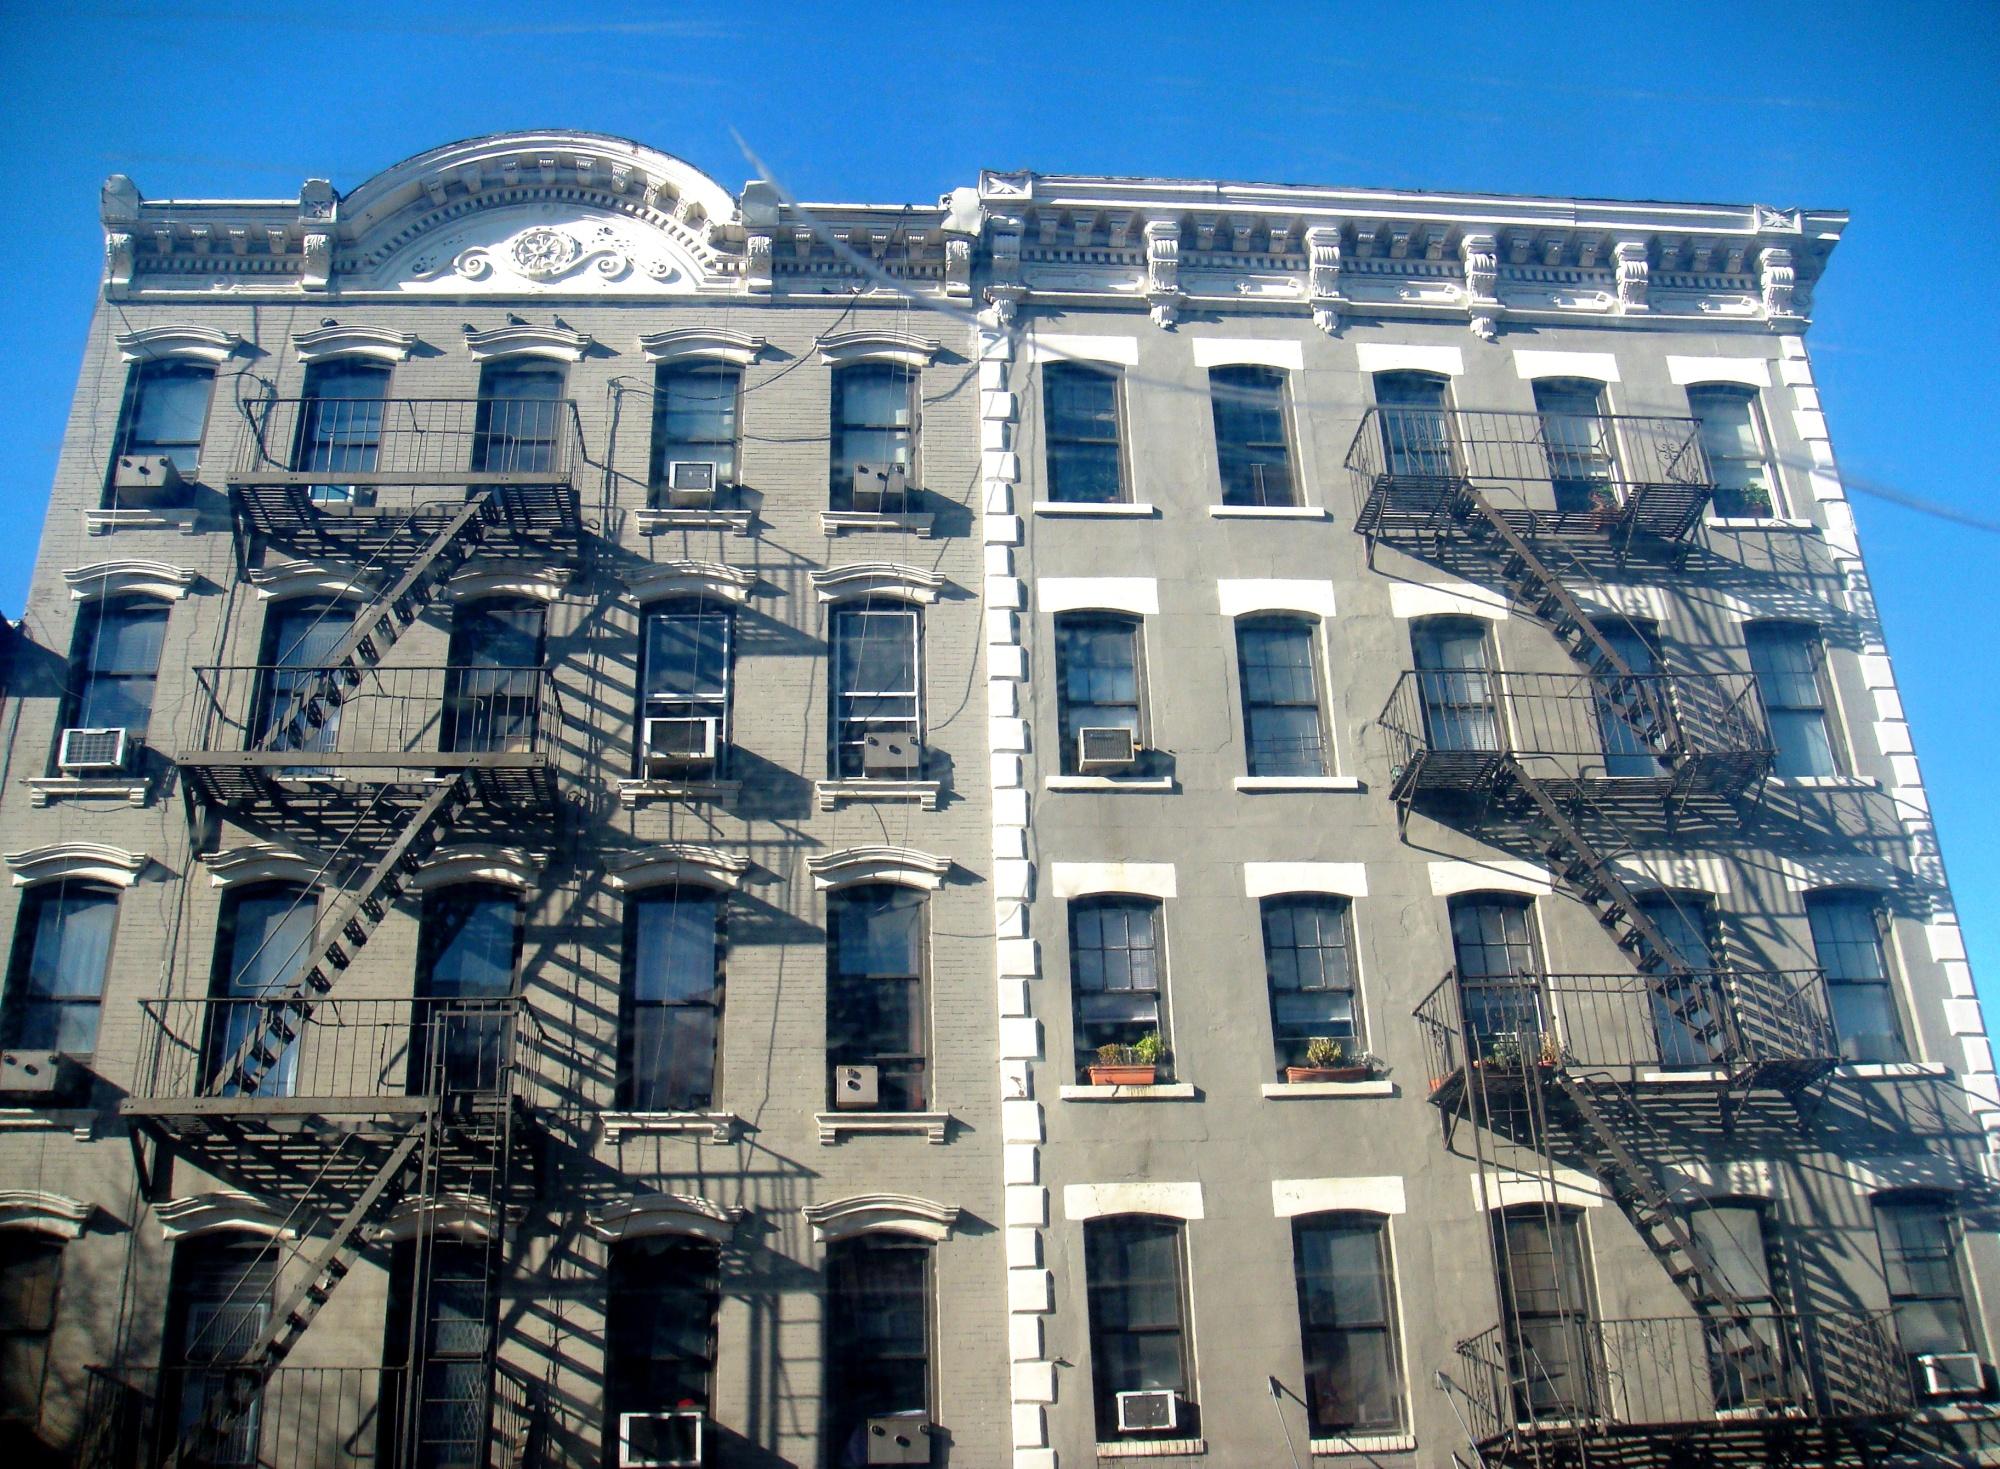 NYC streetviews